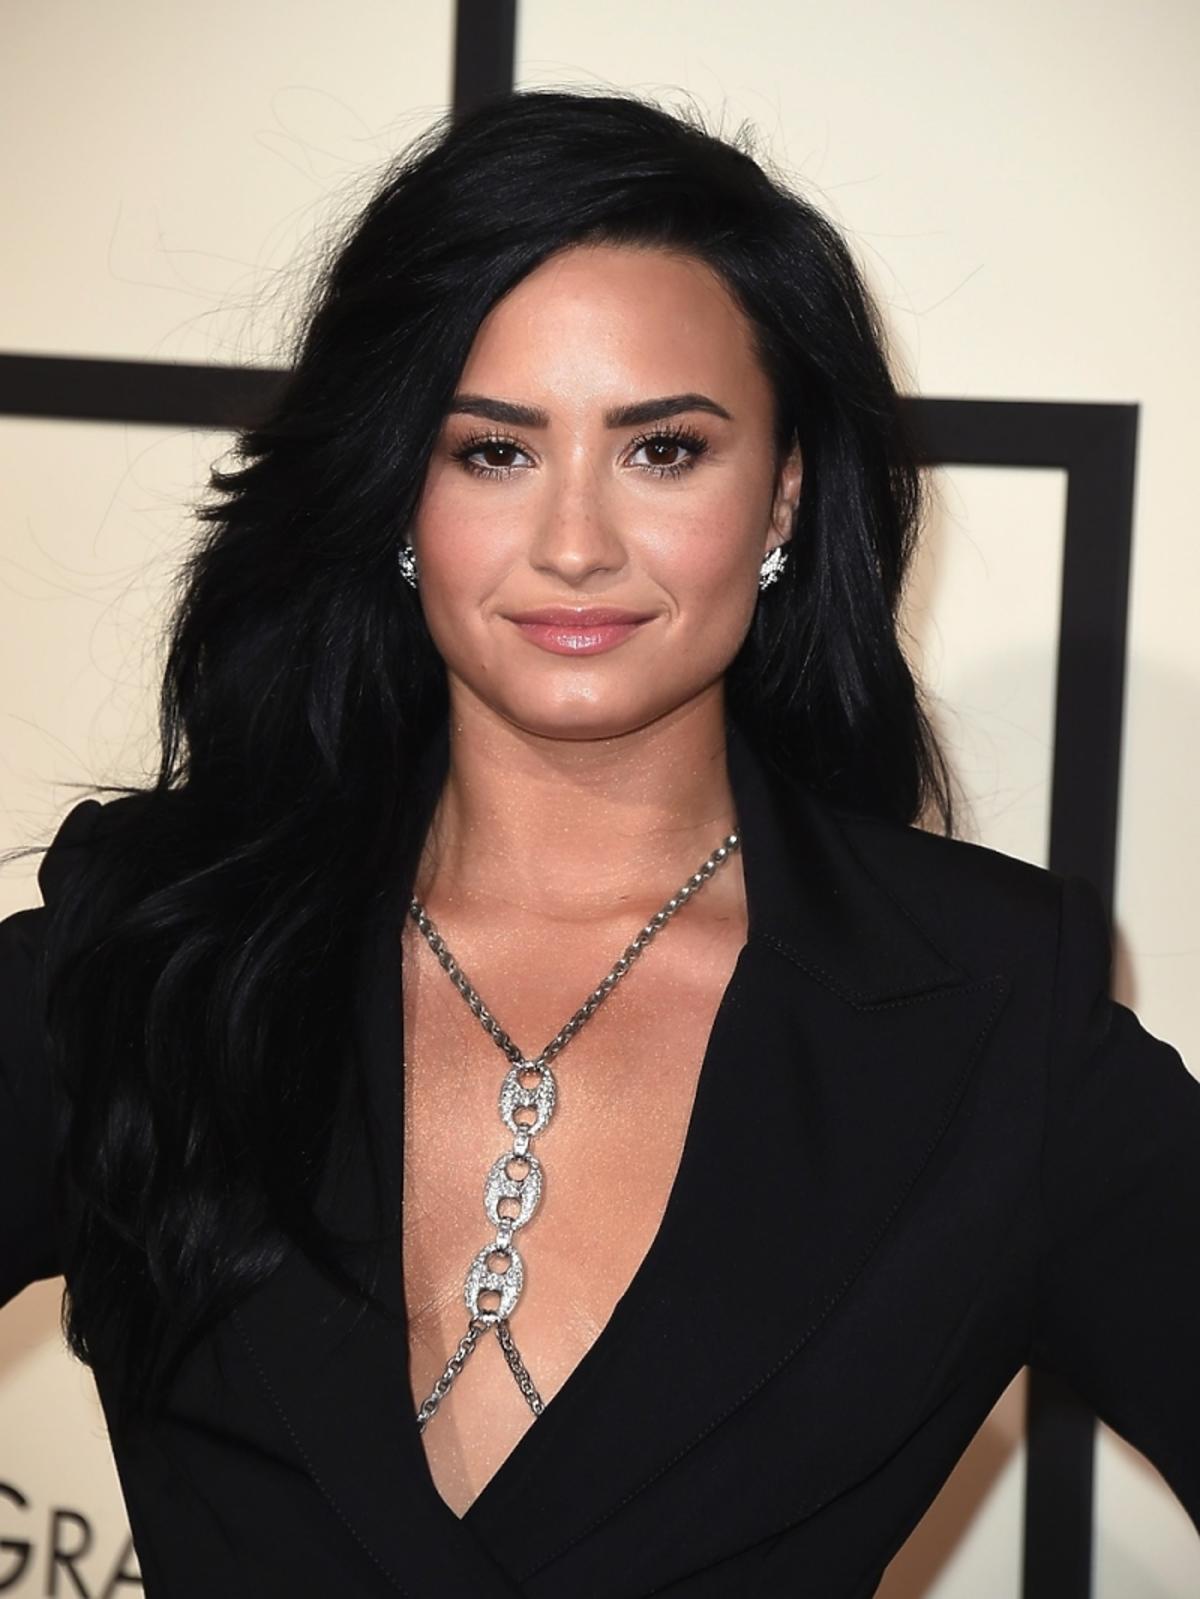 Demi Lovato w czarnej sukience z dekoltem i łancuchu na dekolcie